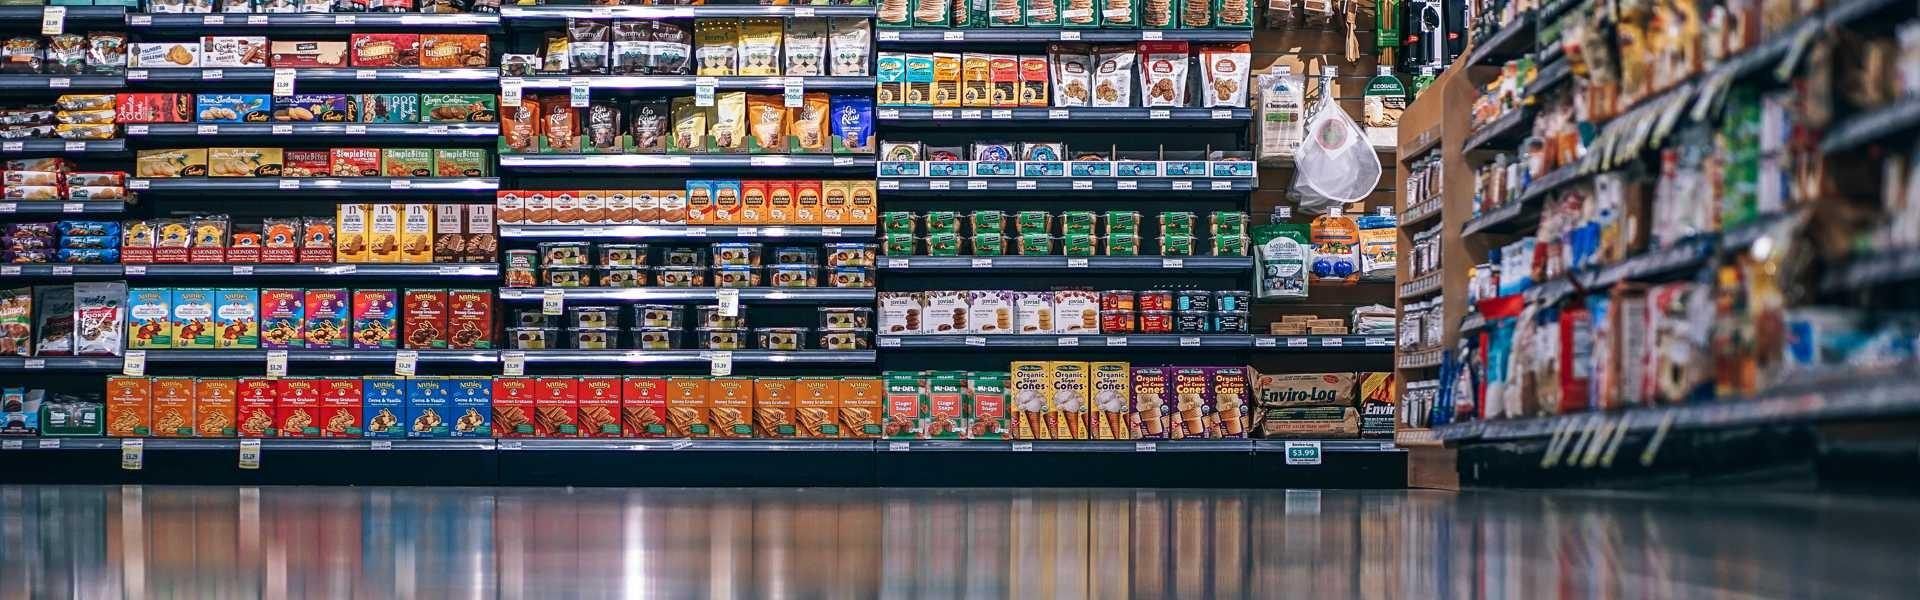 Lebensmittelgeschäft mit verschiedenen Produkten